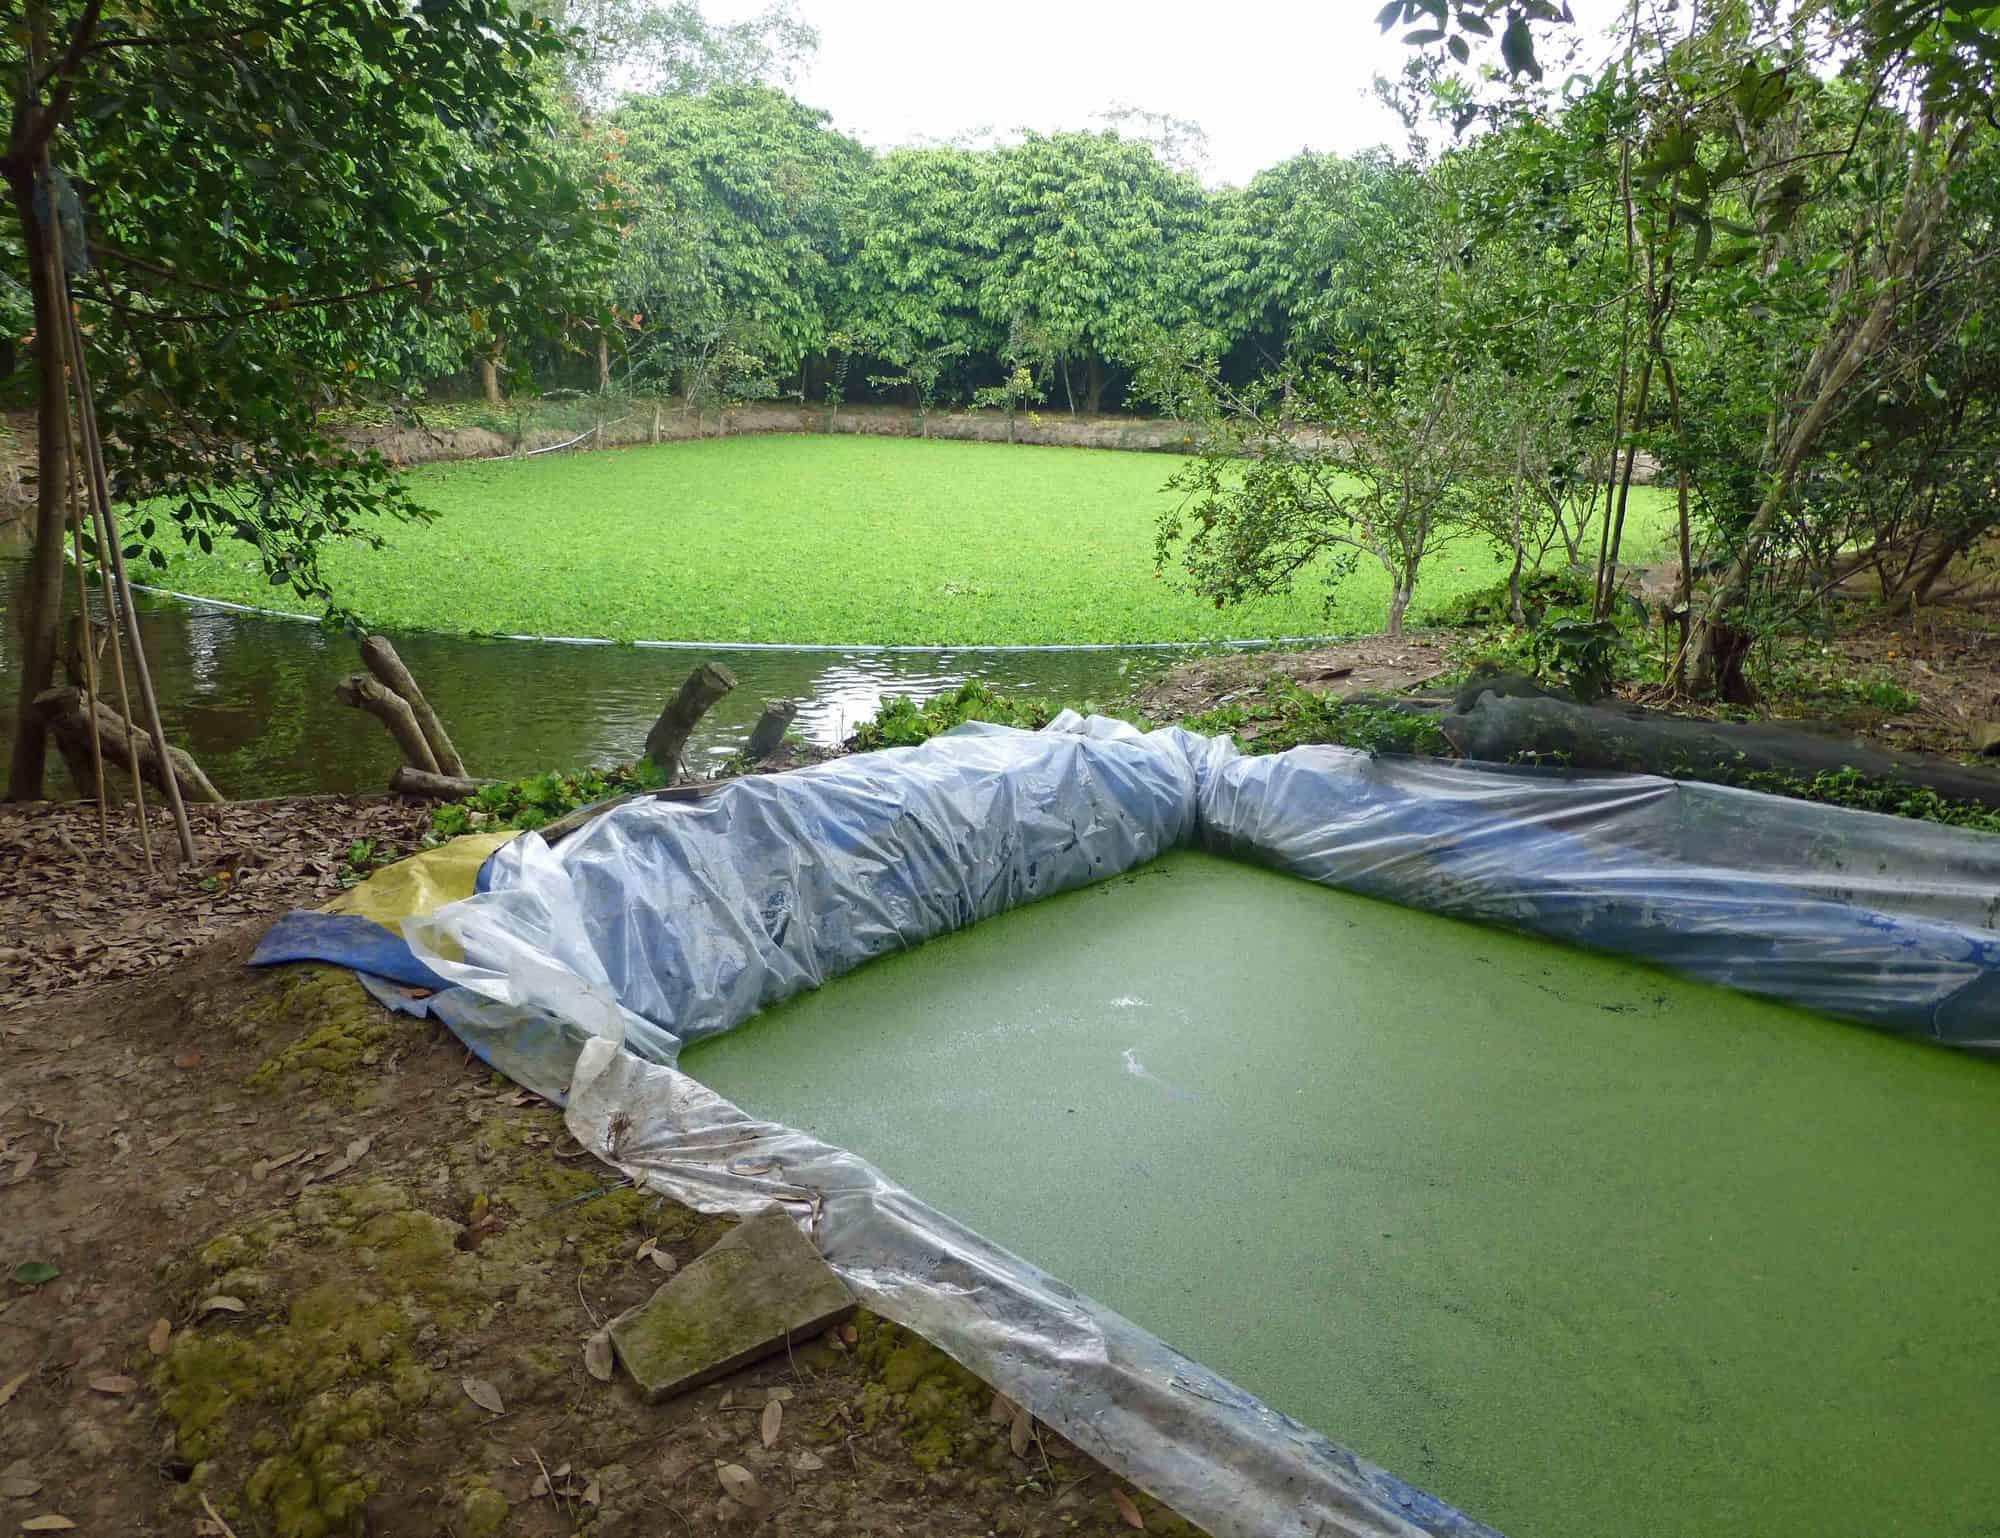 كيفية الزراعة المائية بطريقة سهله وسريعه ؟